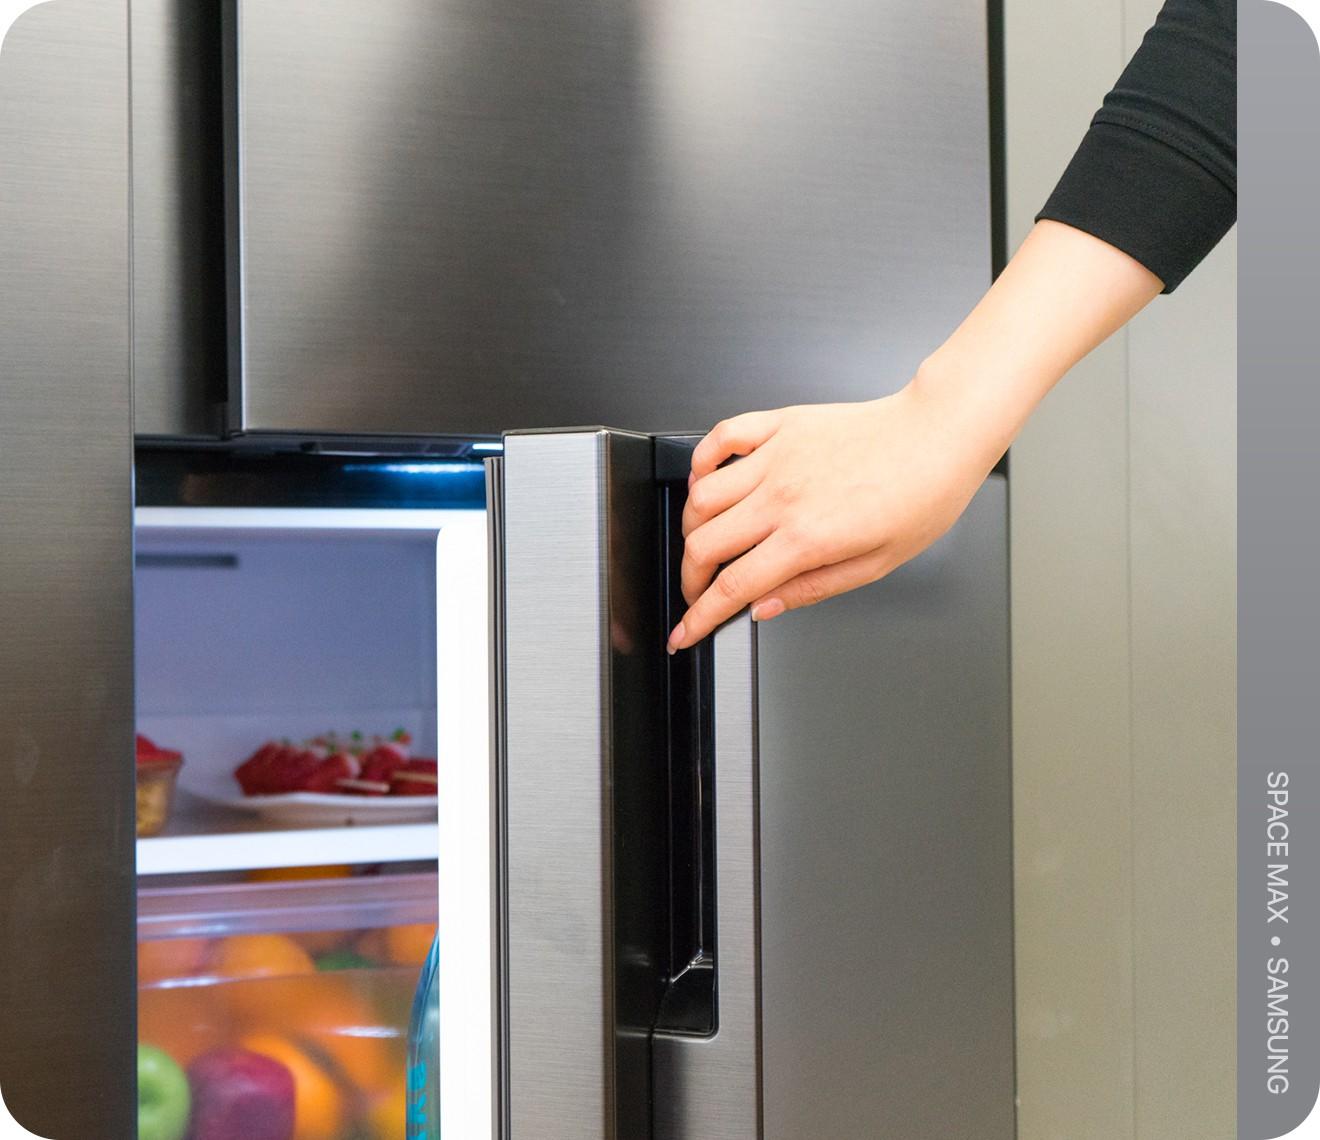 Chiếc tủ lạnh mới của Samsung đã giải quyết trọn vẹn nhu cầu của người dùng như thế nào - Ảnh 6.